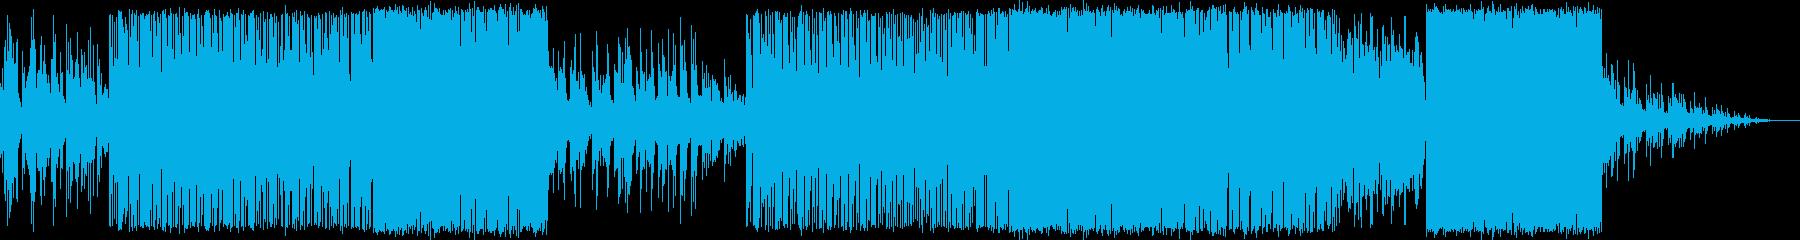 切ない旋律が特徴の颯爽としたピアノポップの再生済みの波形